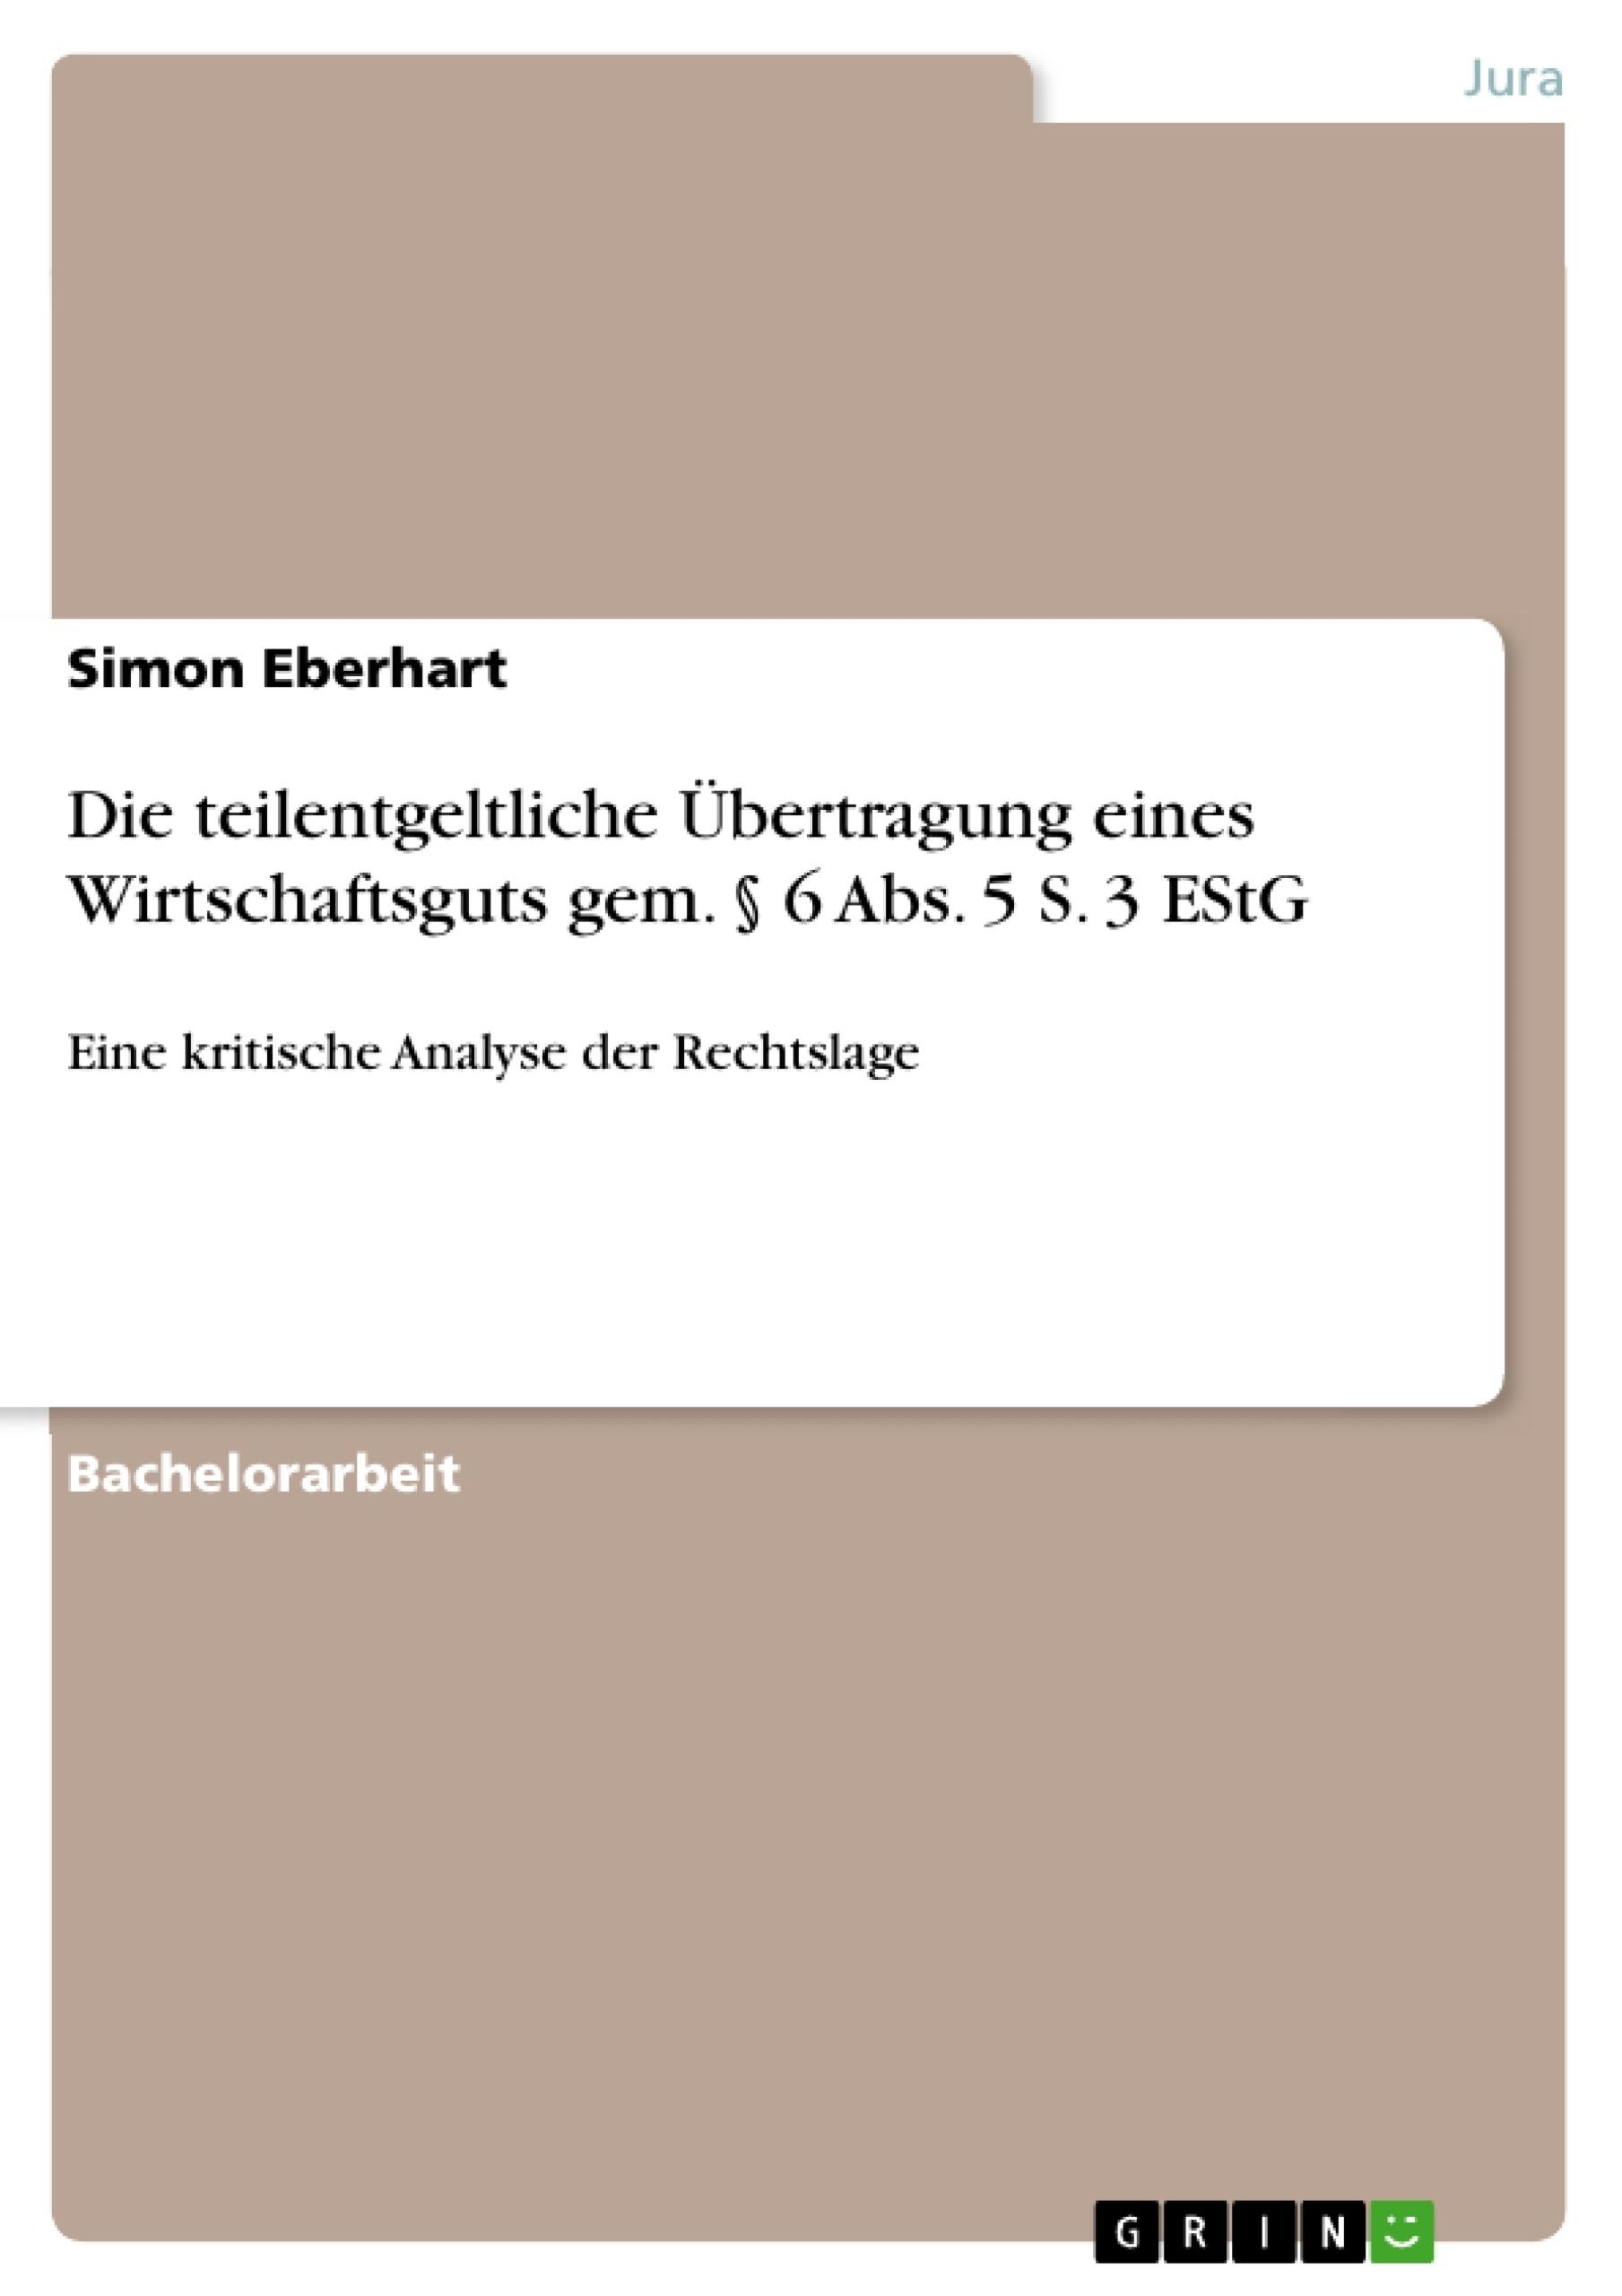 Titel: Die teilentgeltliche Übertragung eines Wirtschaftsguts gem. § 6 Abs. 5 S. 3 EStG